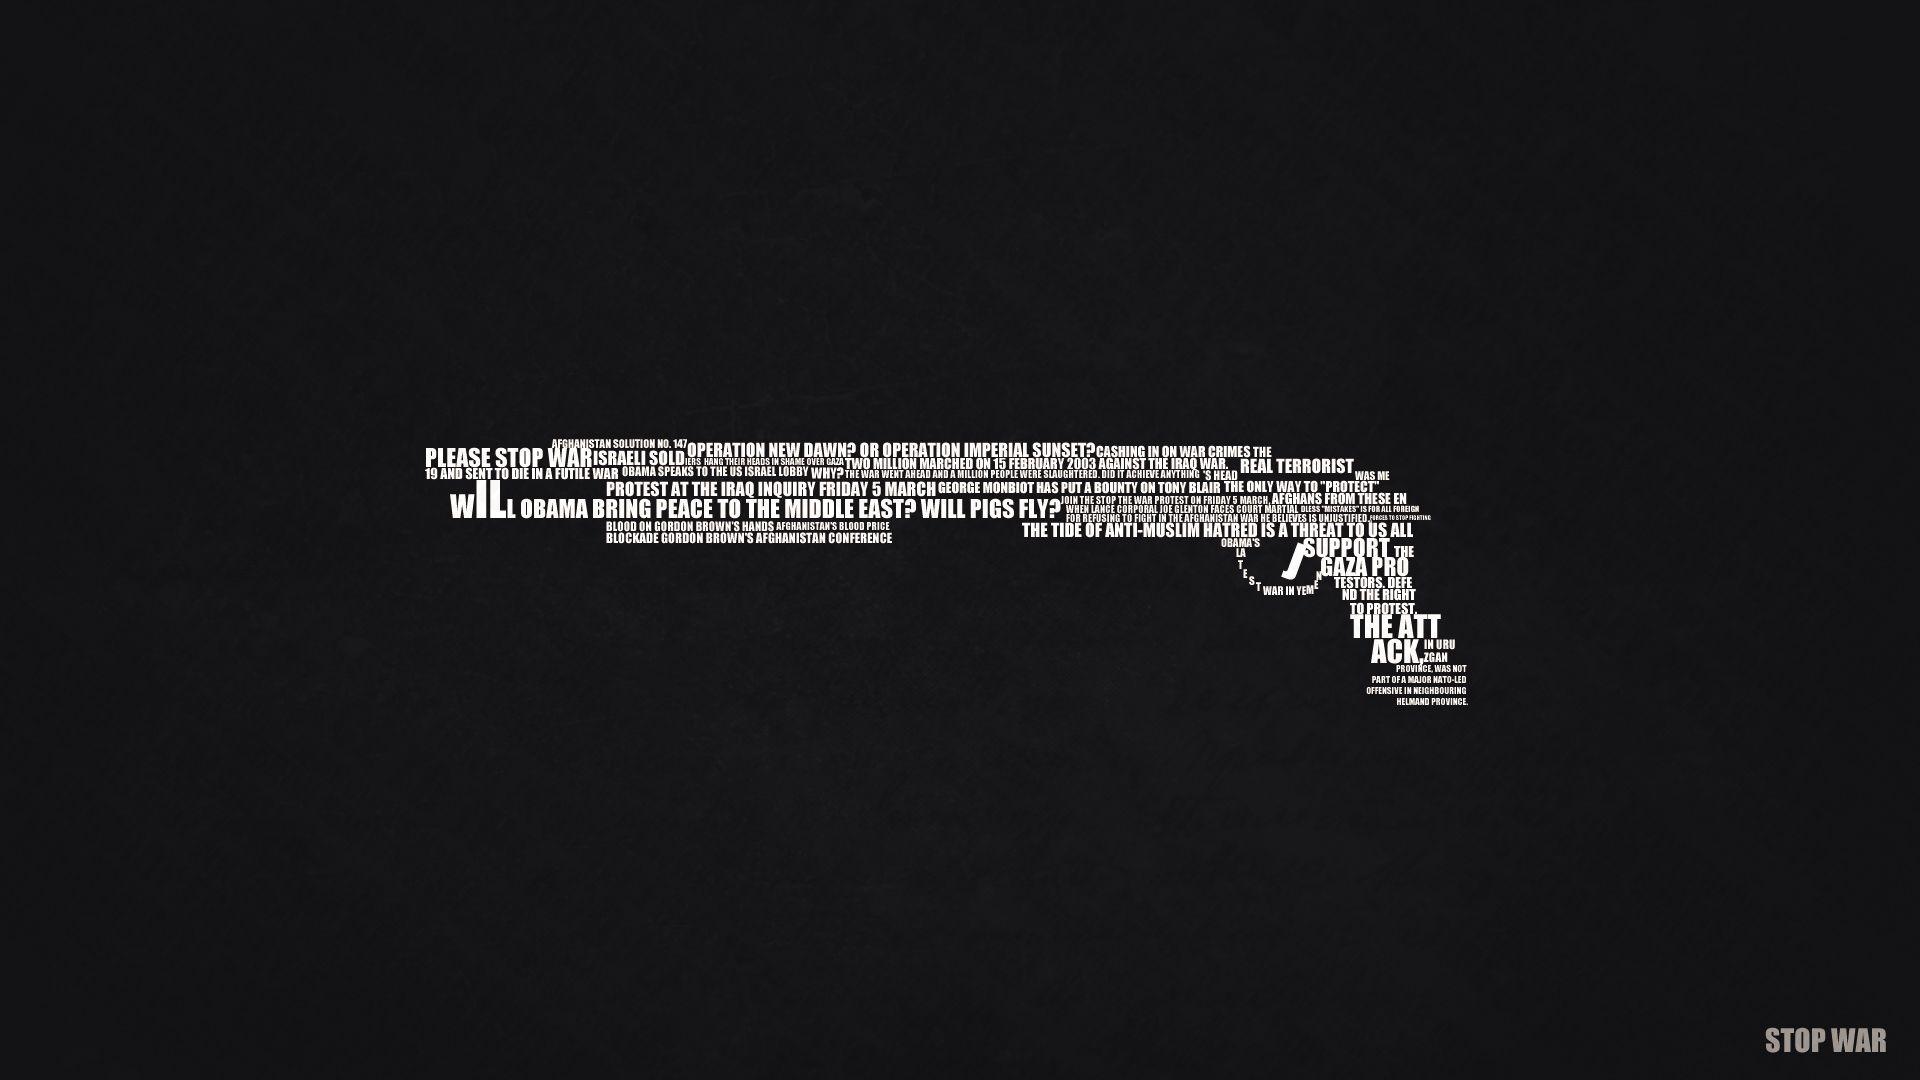 Stop War Text Art Full Hd Desktop Wallpapers Minimalist Wallpaper Minimalist Desktop Wallpaper